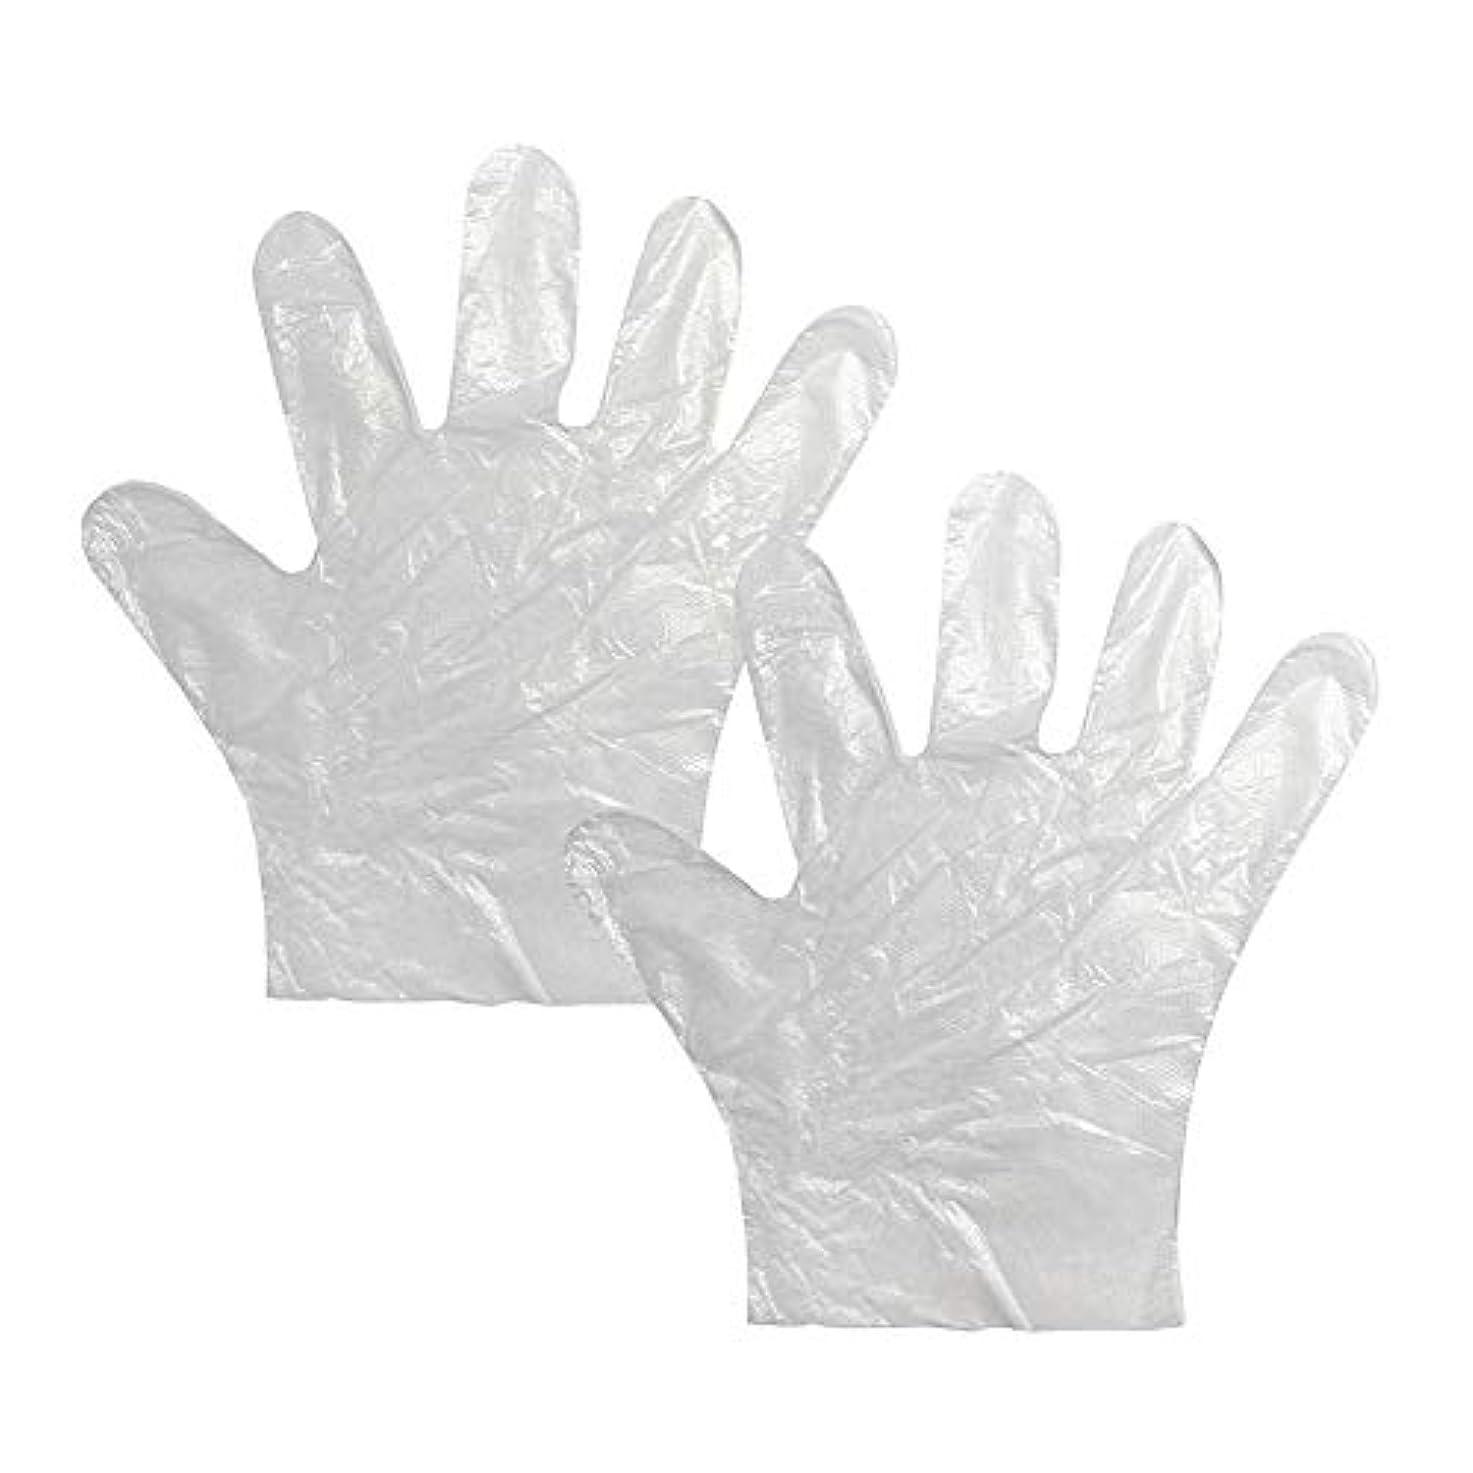 予知呪いサーキュレーションKUKUYA(ククヤ) 使い捨て手袋 極薄ビニール手袋 ポリエチレン 透明 実用 衛生 100枚*2セット